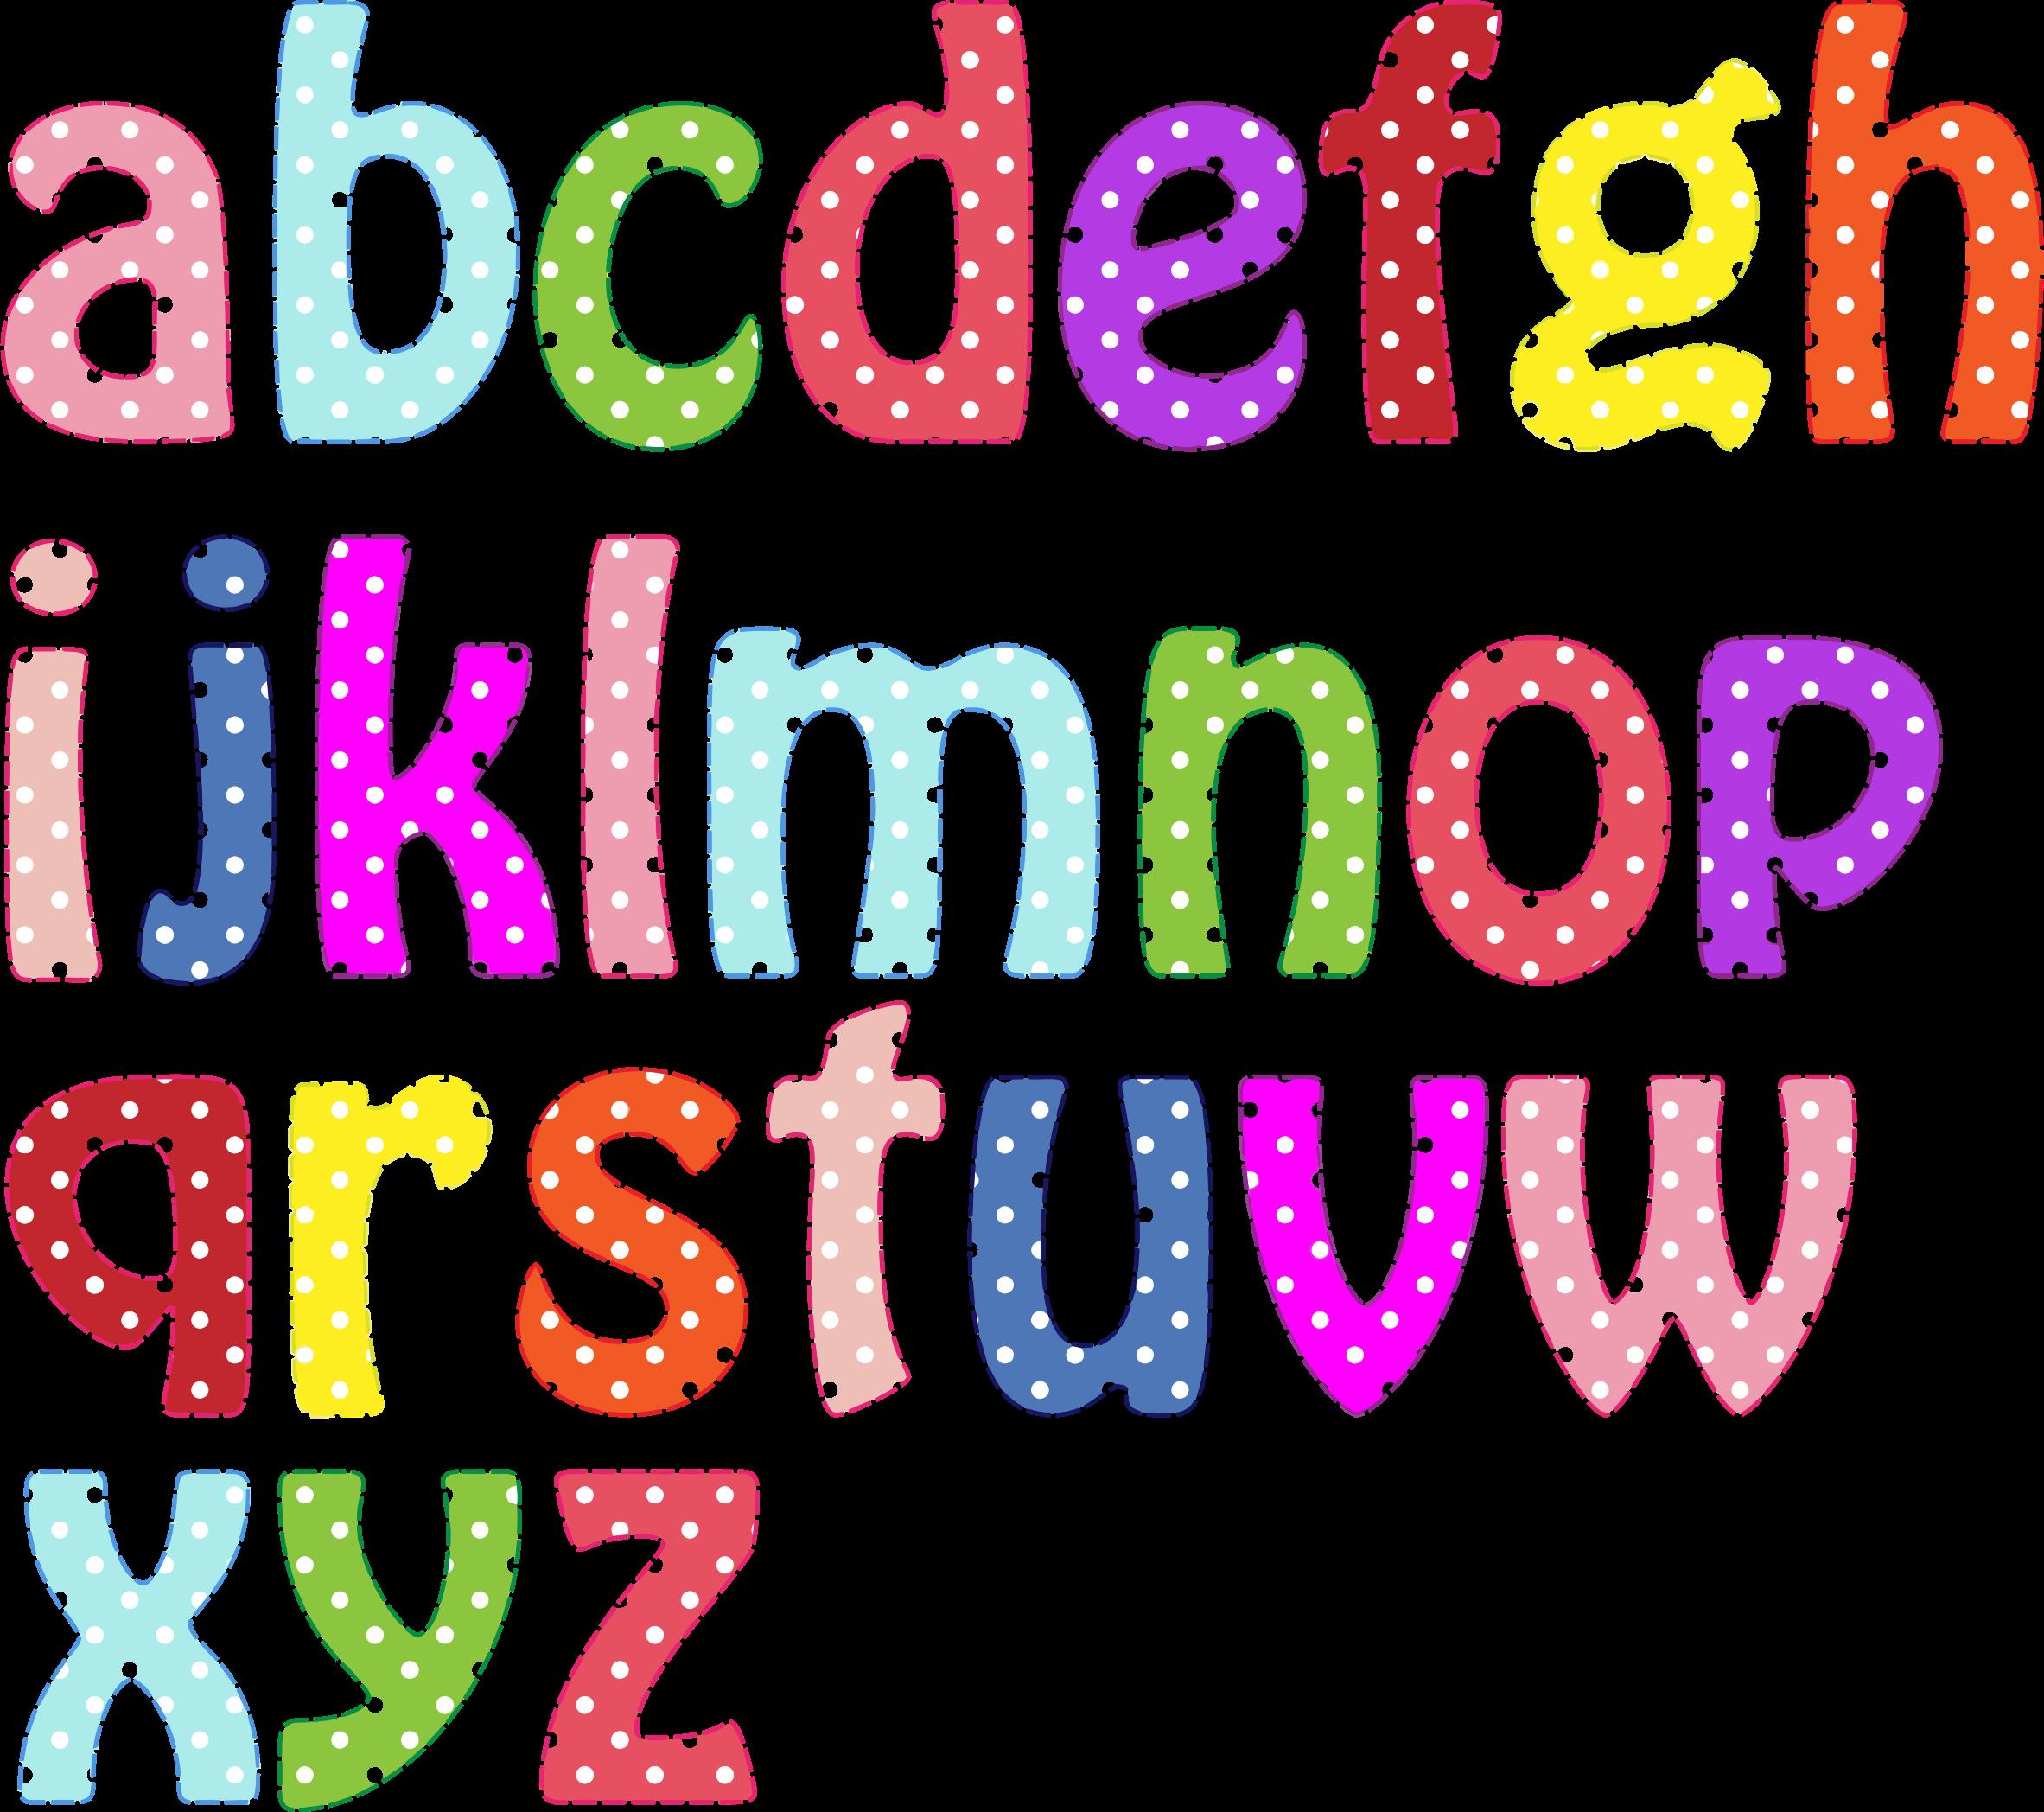 Letter clipart alphabet. Colorful lowercase letras pinterest